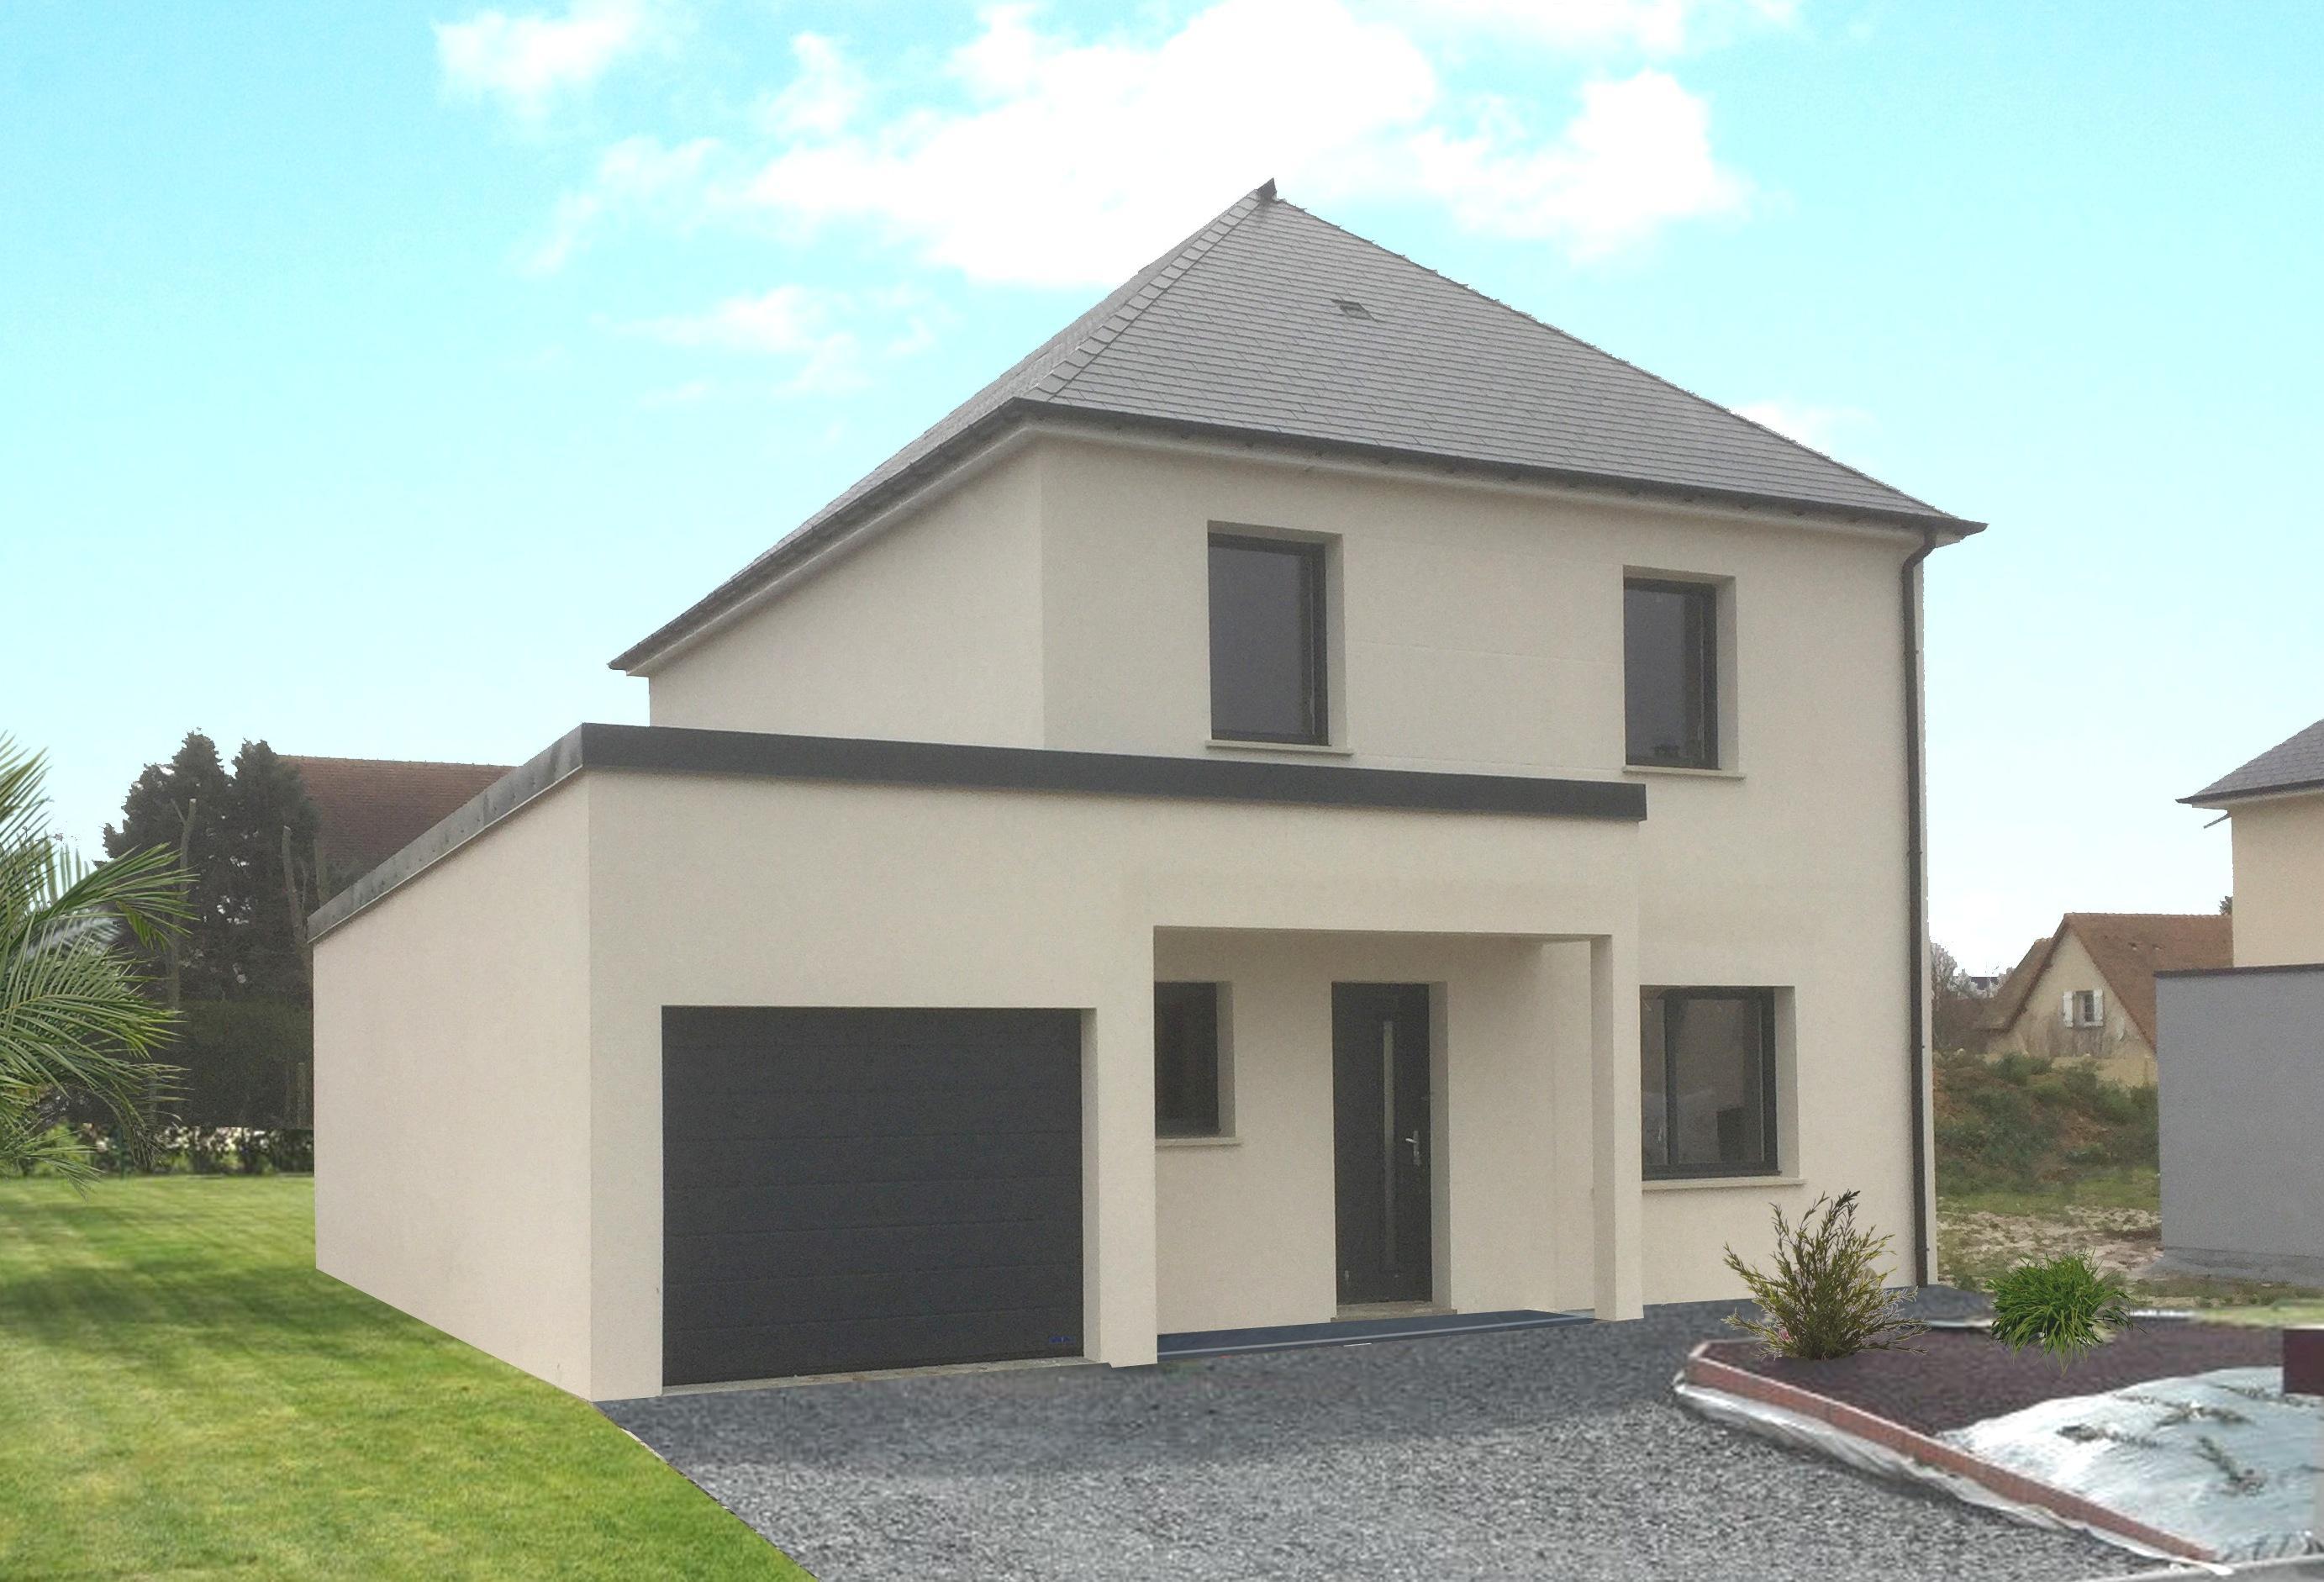 Maisons + Terrains du constructeur MAISON FAMILIALE • 103 m² • MARCHEMORET